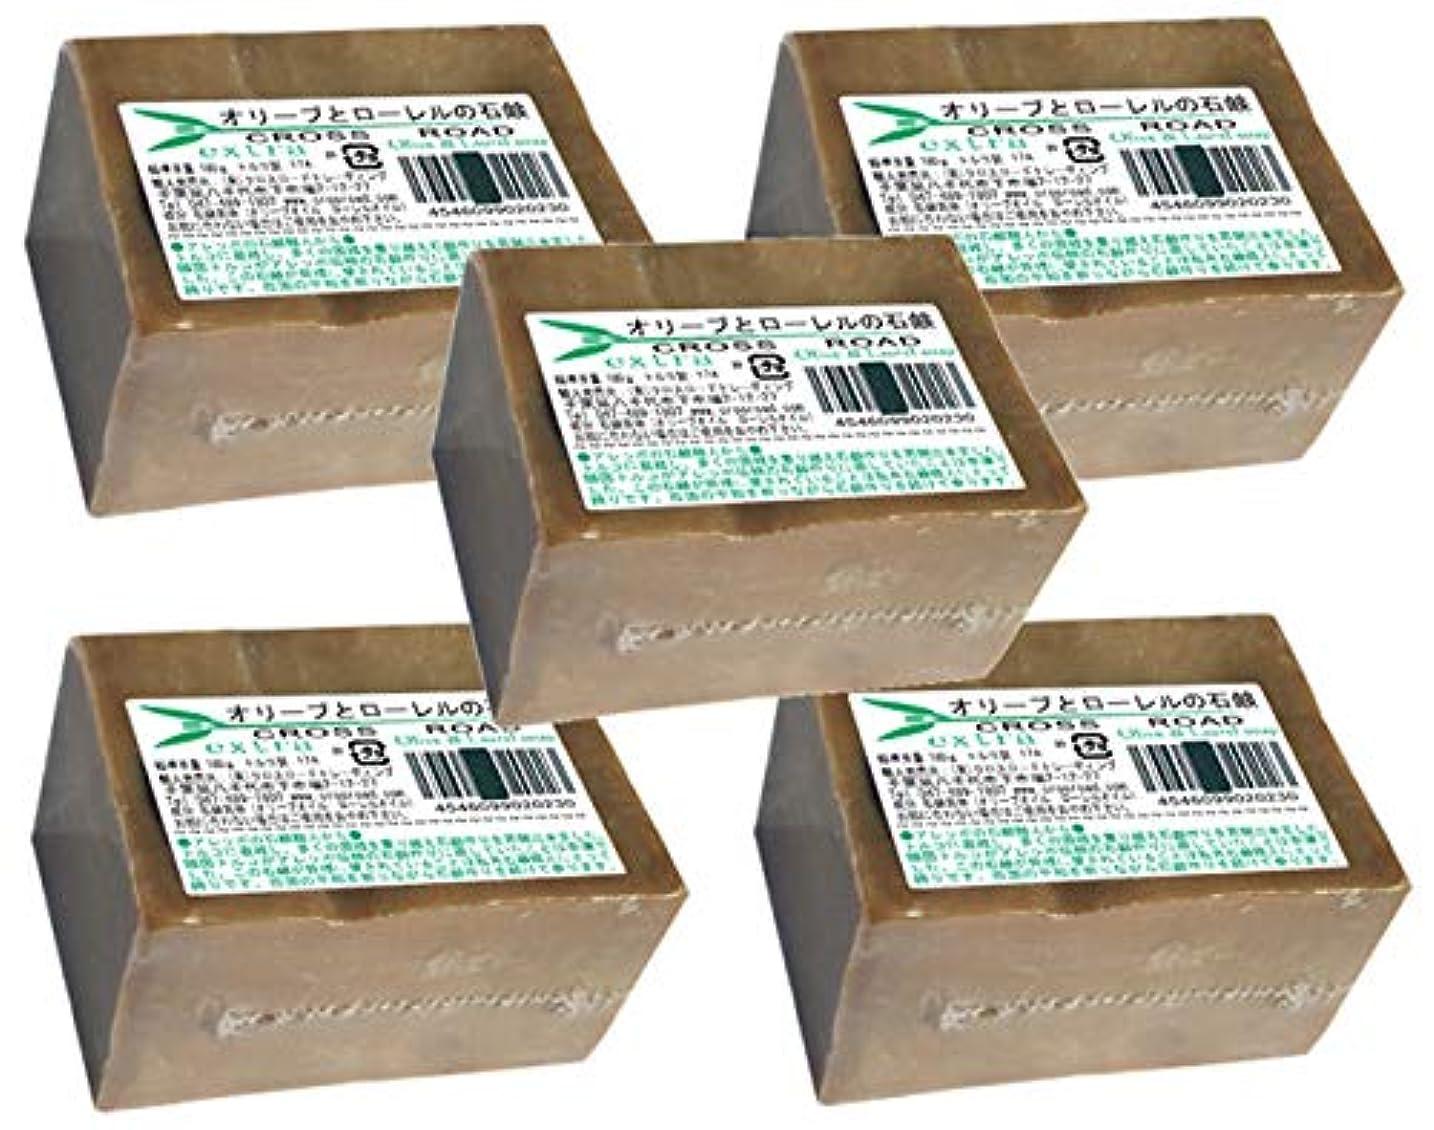 ドキドキ改善するモスオリーブとローレルの石鹸(エキストラ)5個セット [並行輸入品]